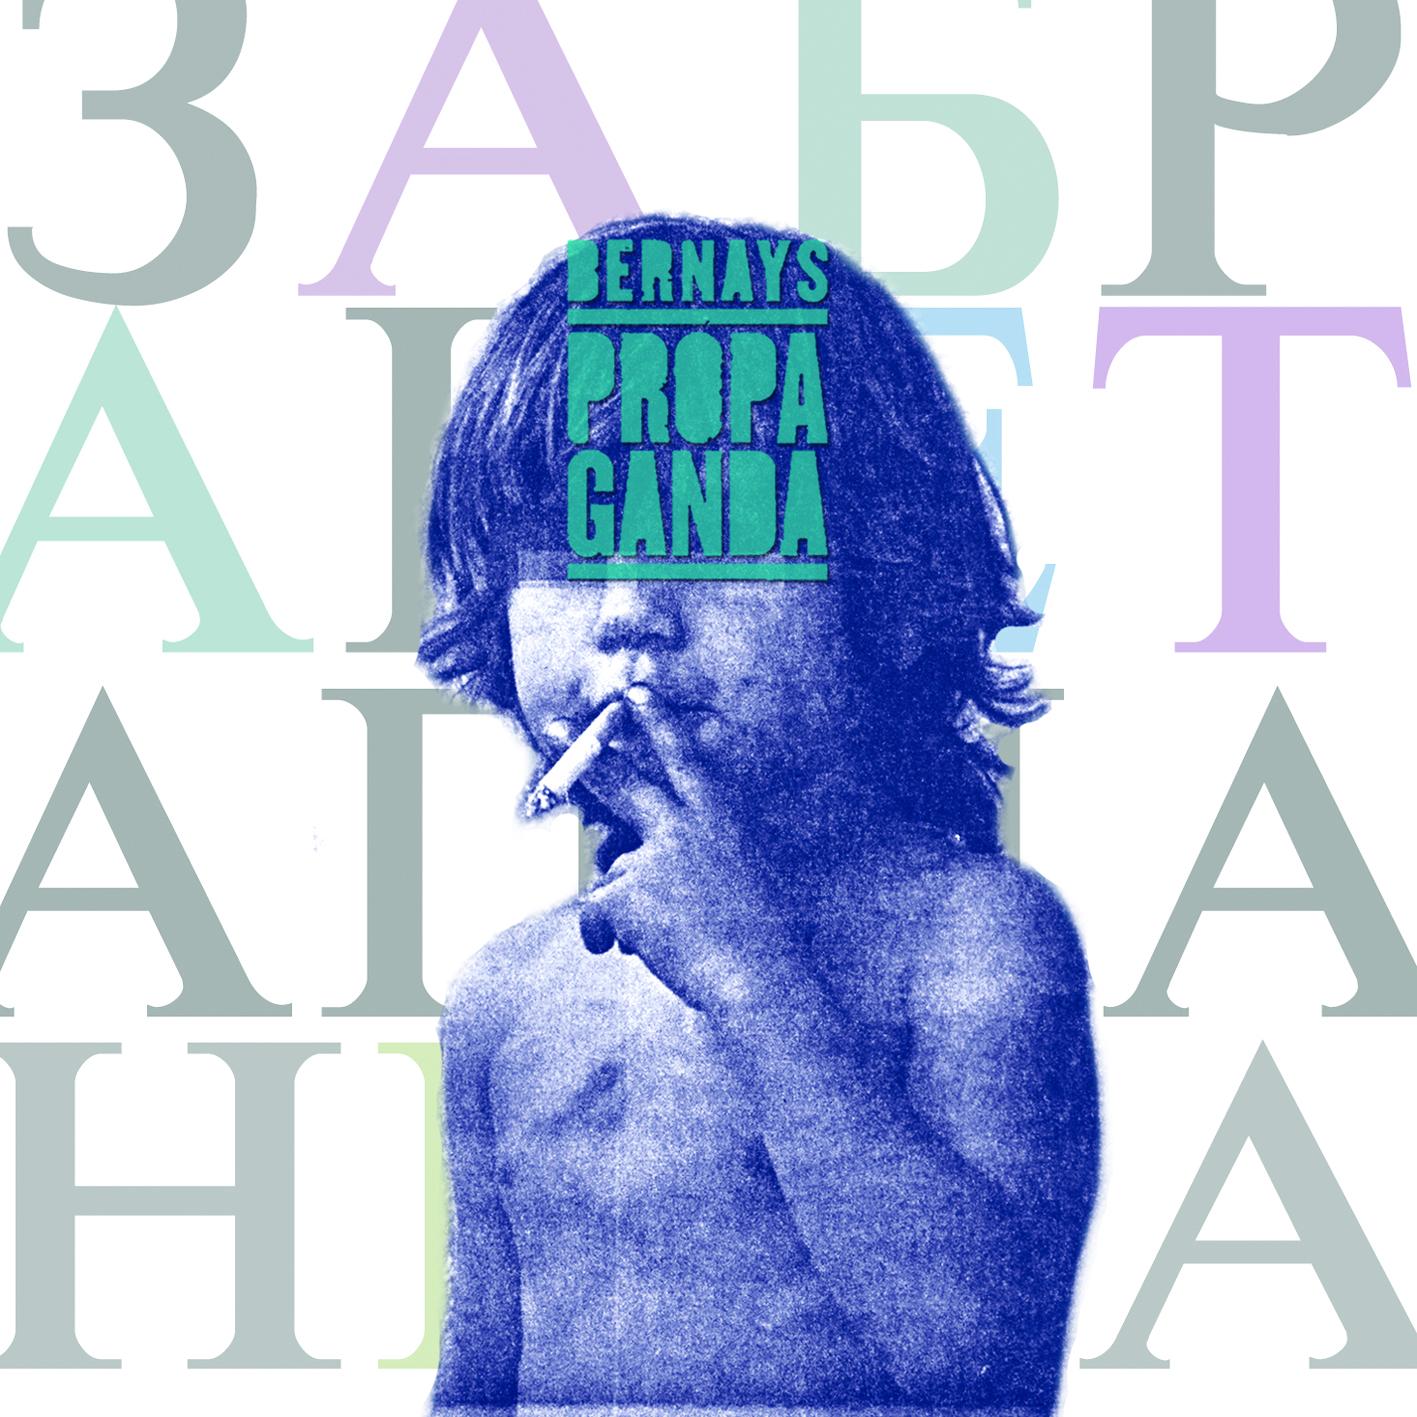 Bernays Propaganda